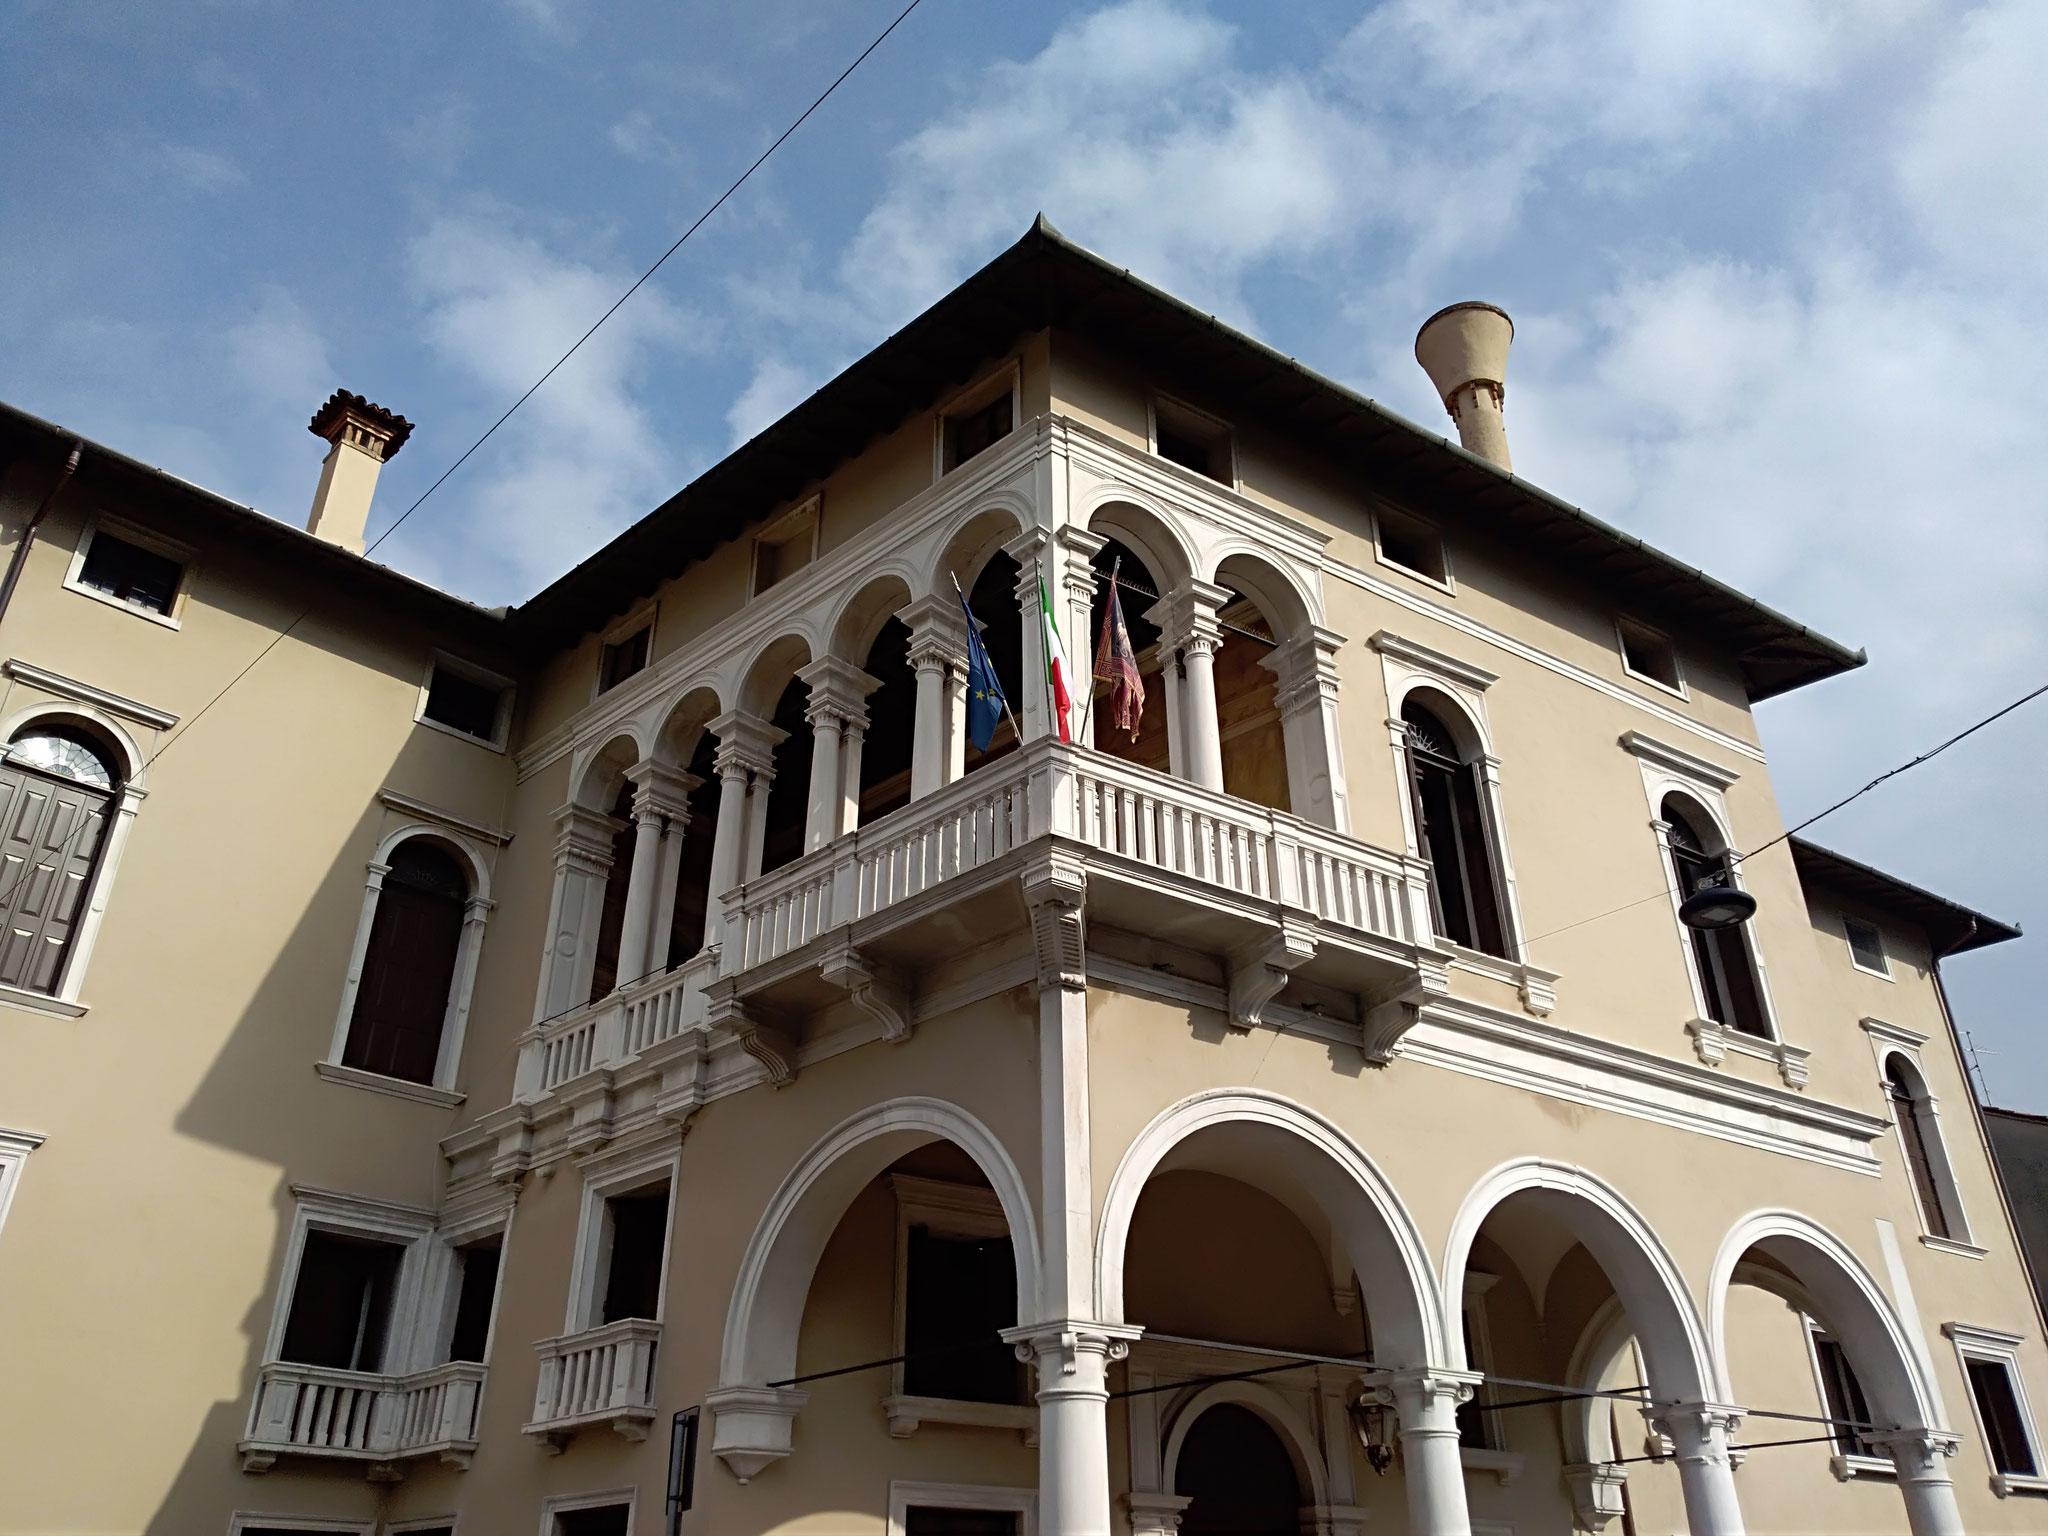 La villa comunale